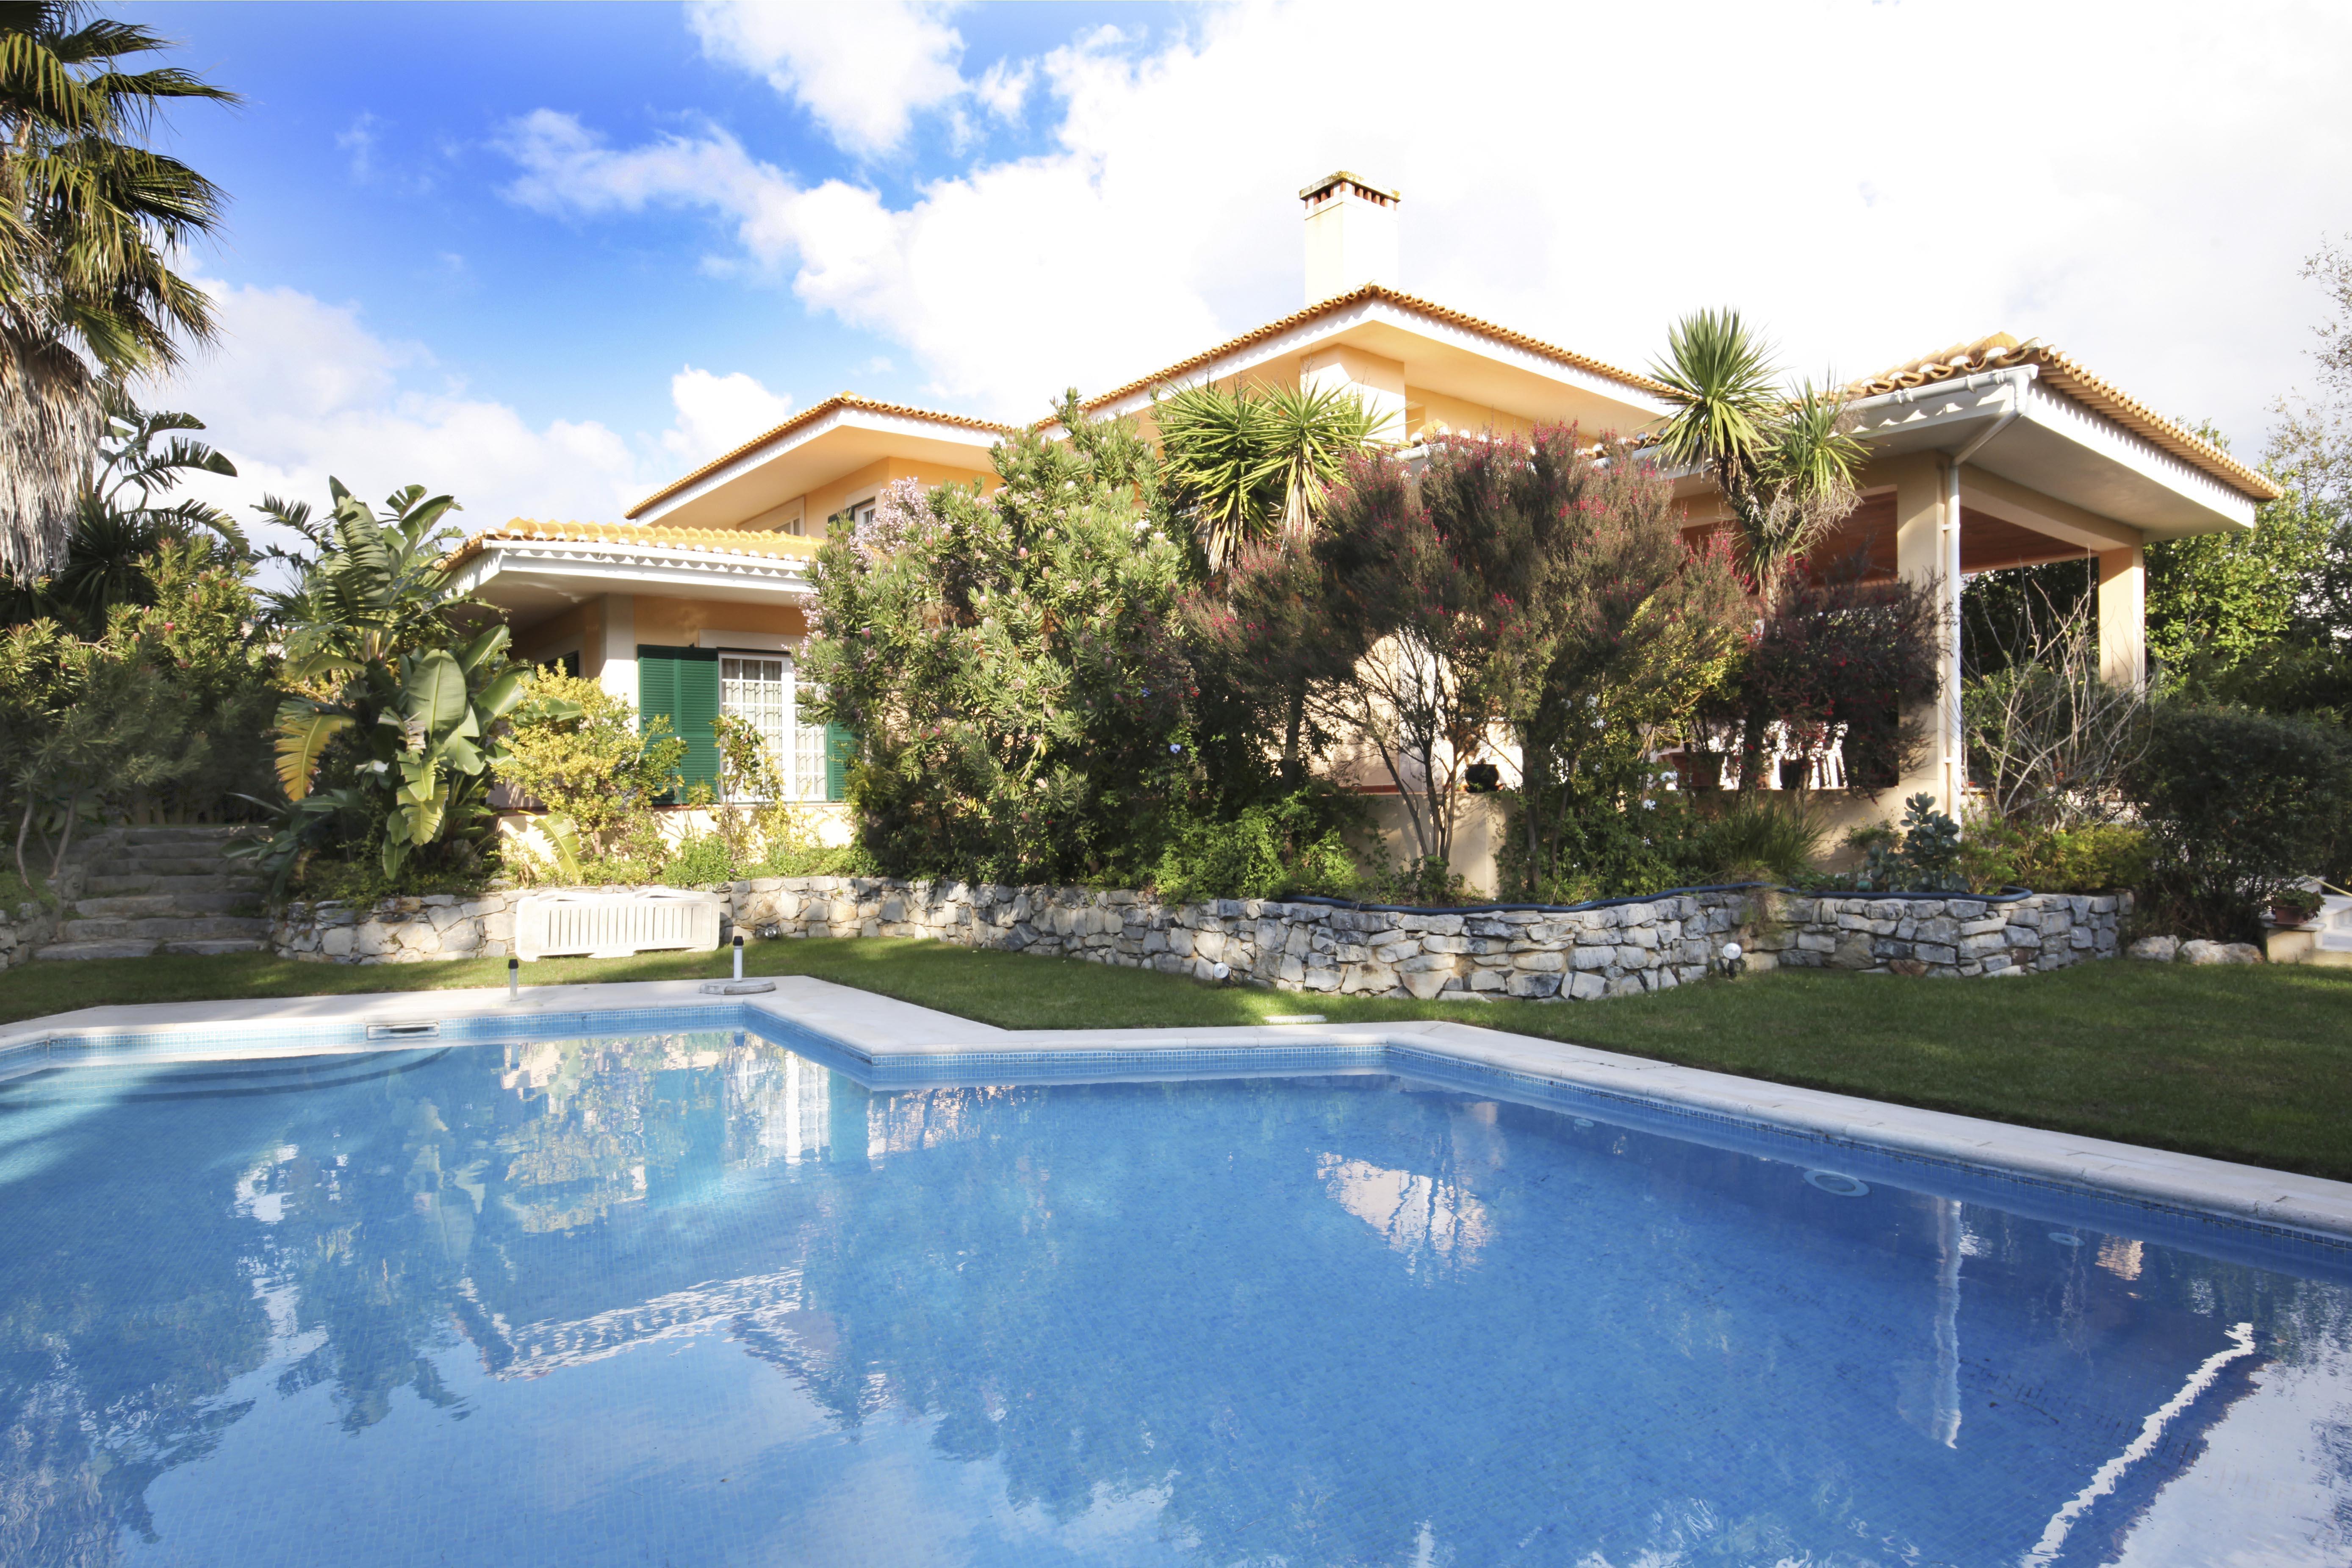 一戸建て のために 売買 アット Detached house, 4 bedrooms, for Sale Sintra, リスボン, 2710-695 ポルトガル